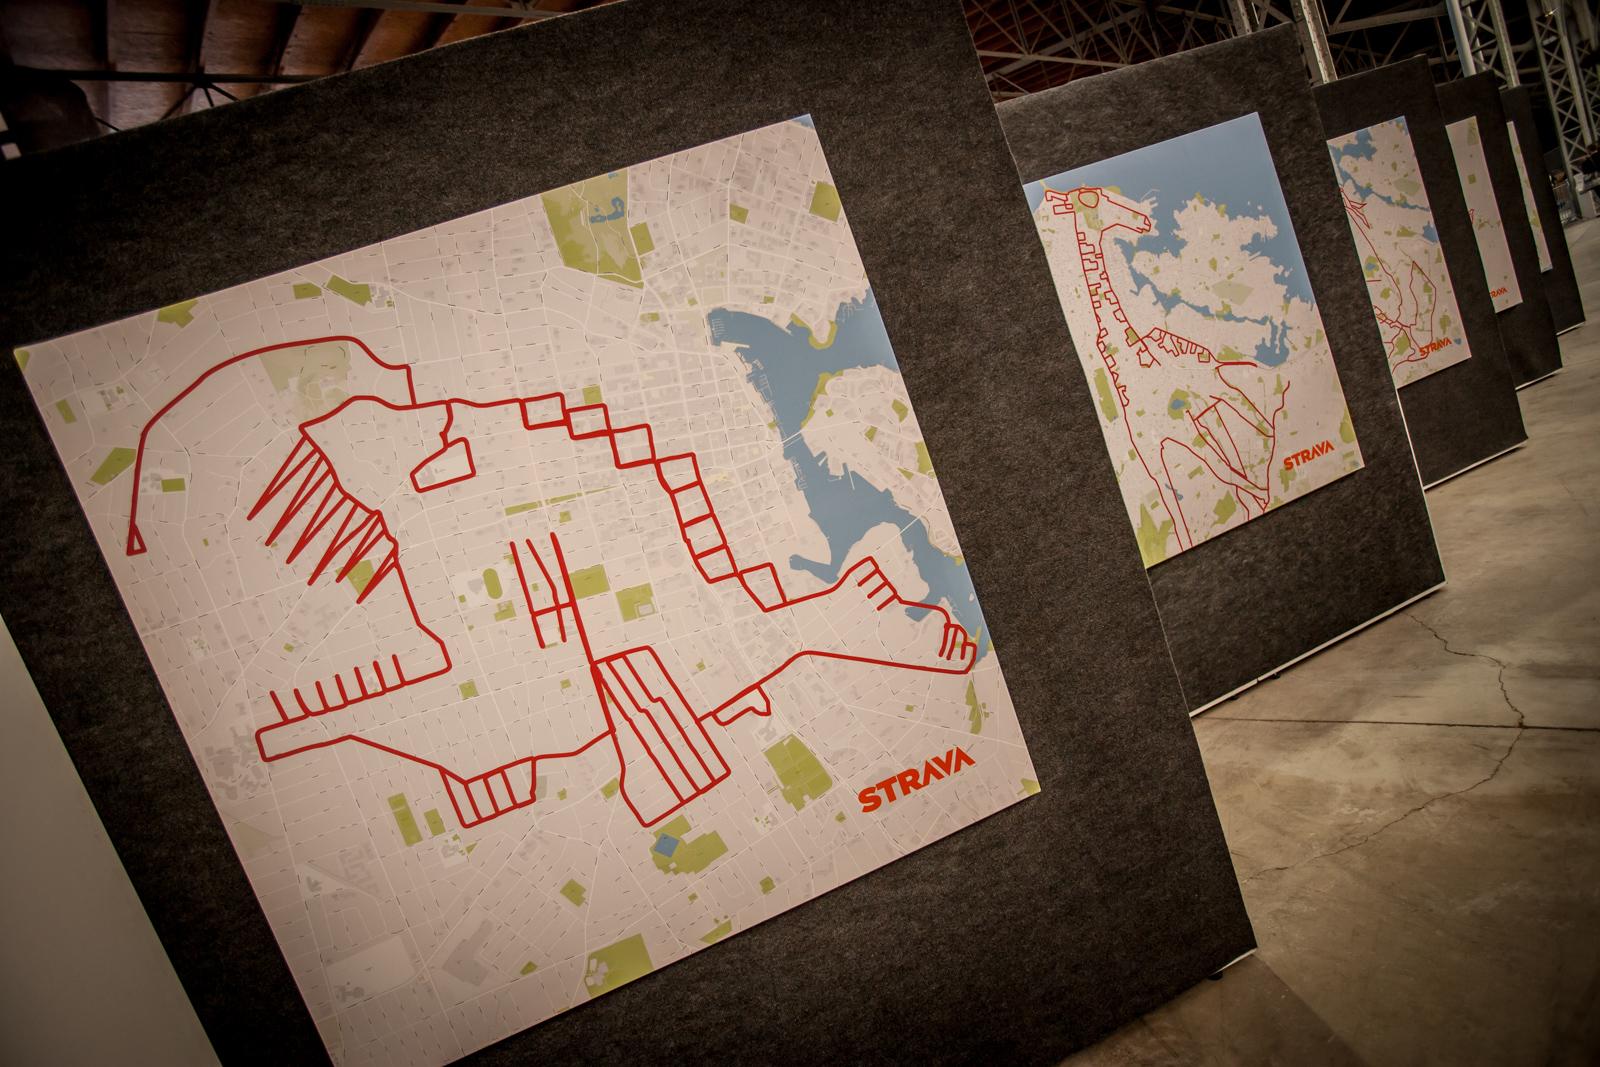 Strava Art: die Kunst, mit einem GPS-Tracker zu zeichnen ... Mit den Straßen der Welt als Leinwand erschaffen kreative Radfahrer ganz eigene Kunstwerke. Welche Bilder und Figuren bekommen wir aus WIen und Umgebung bald zu sehen?